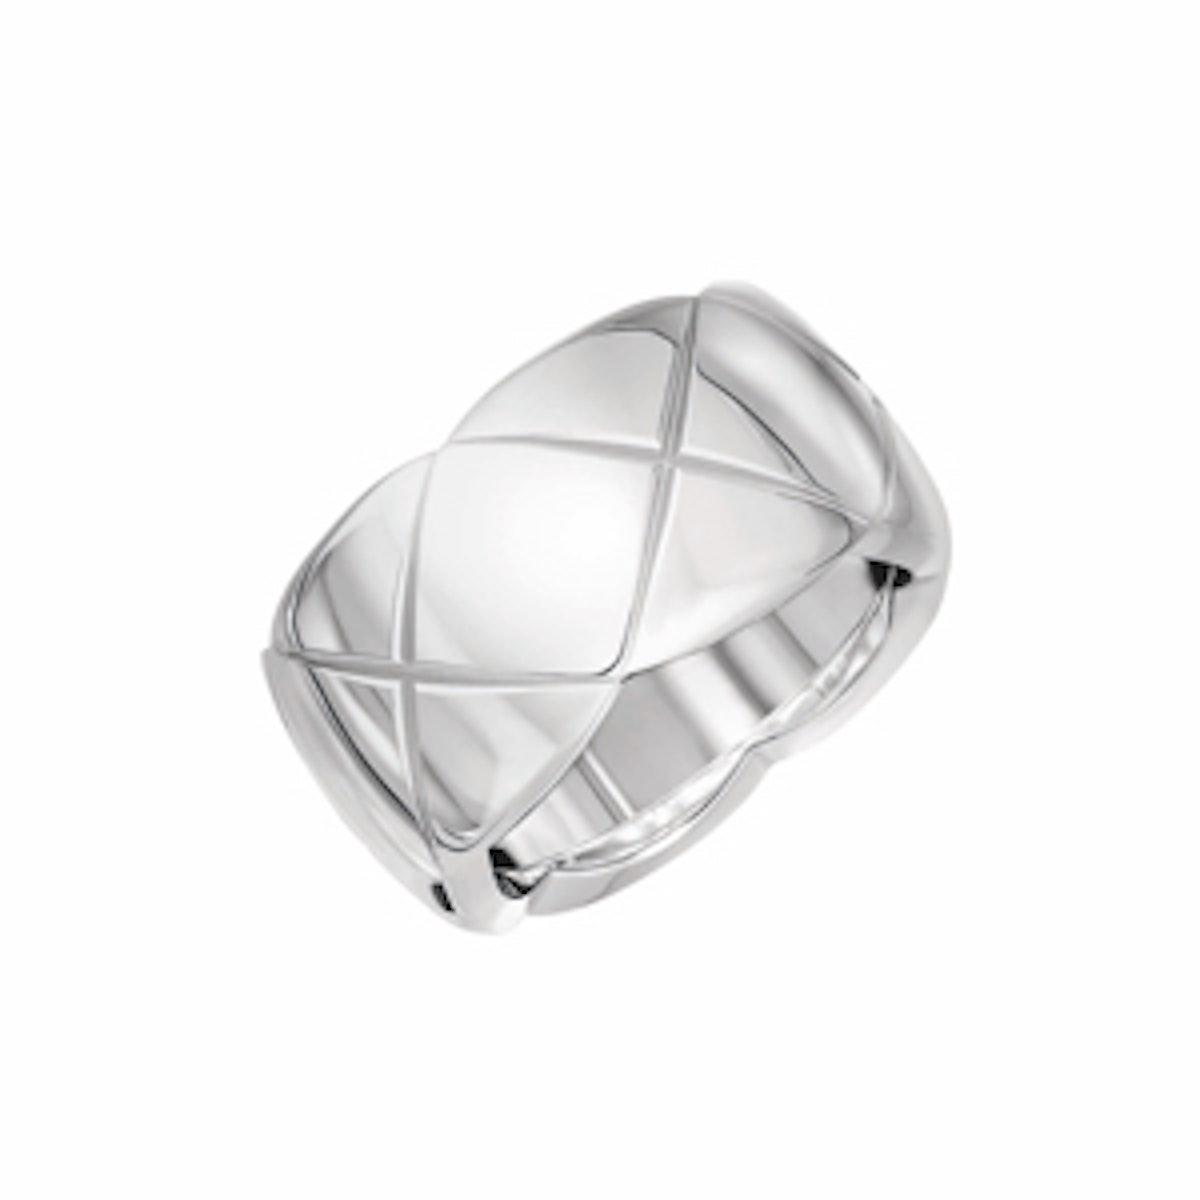 Medium 18-karat White Gold Ring